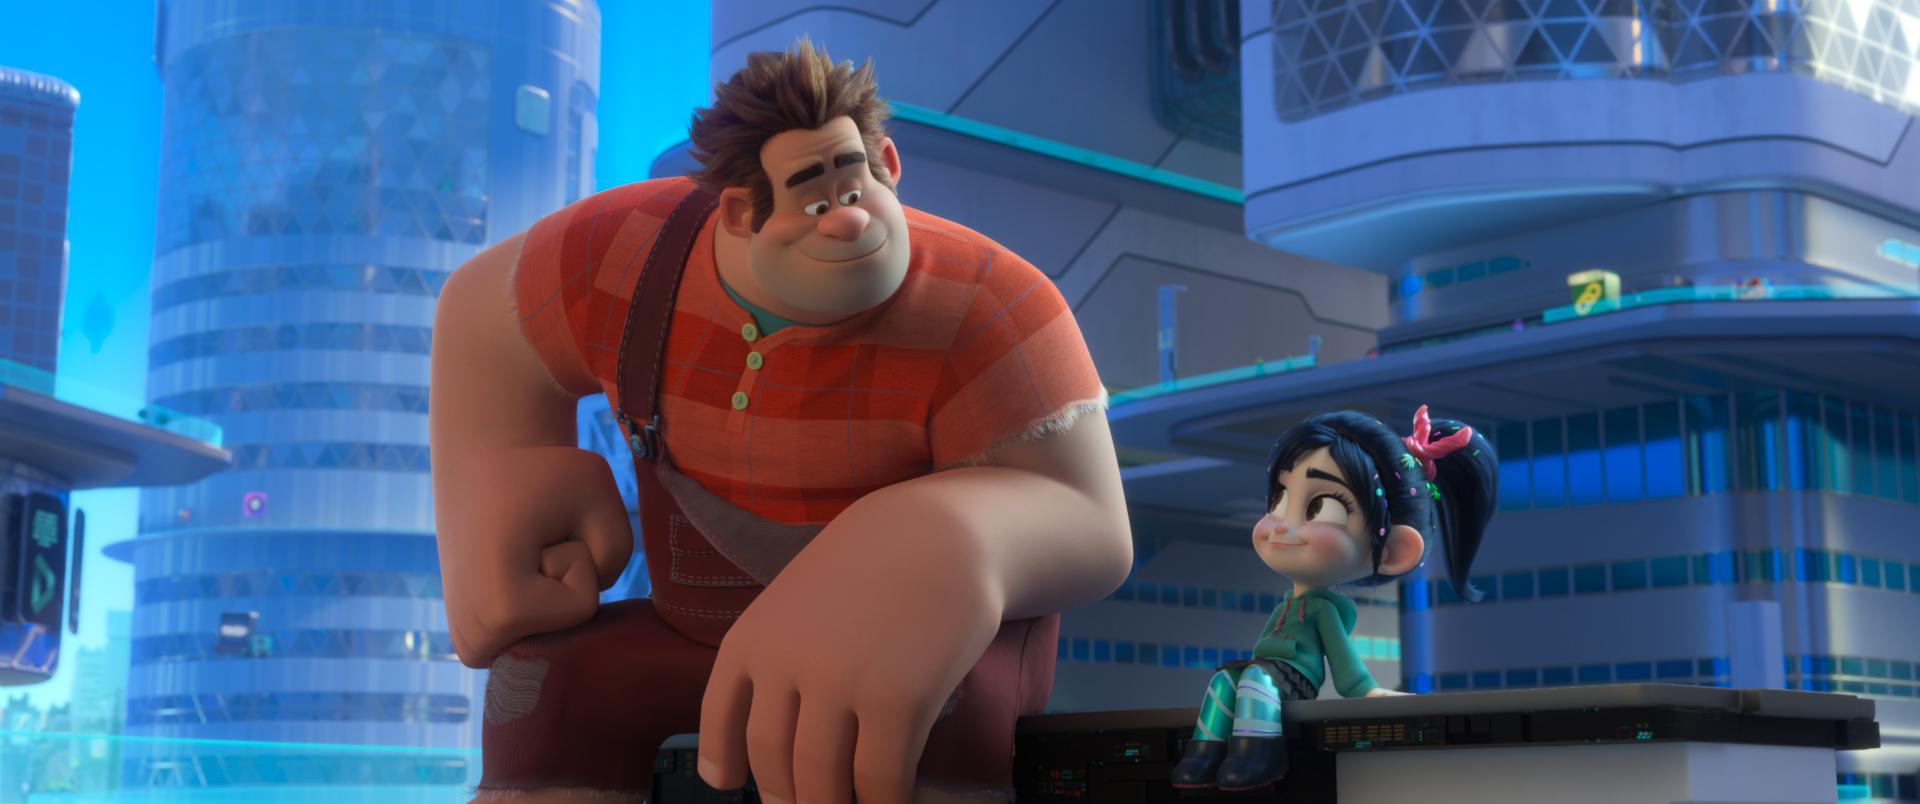 La amistad entre Ralph y Vanellope se verá puesta a prueba en su aventura por Internet. / Foto: Disney